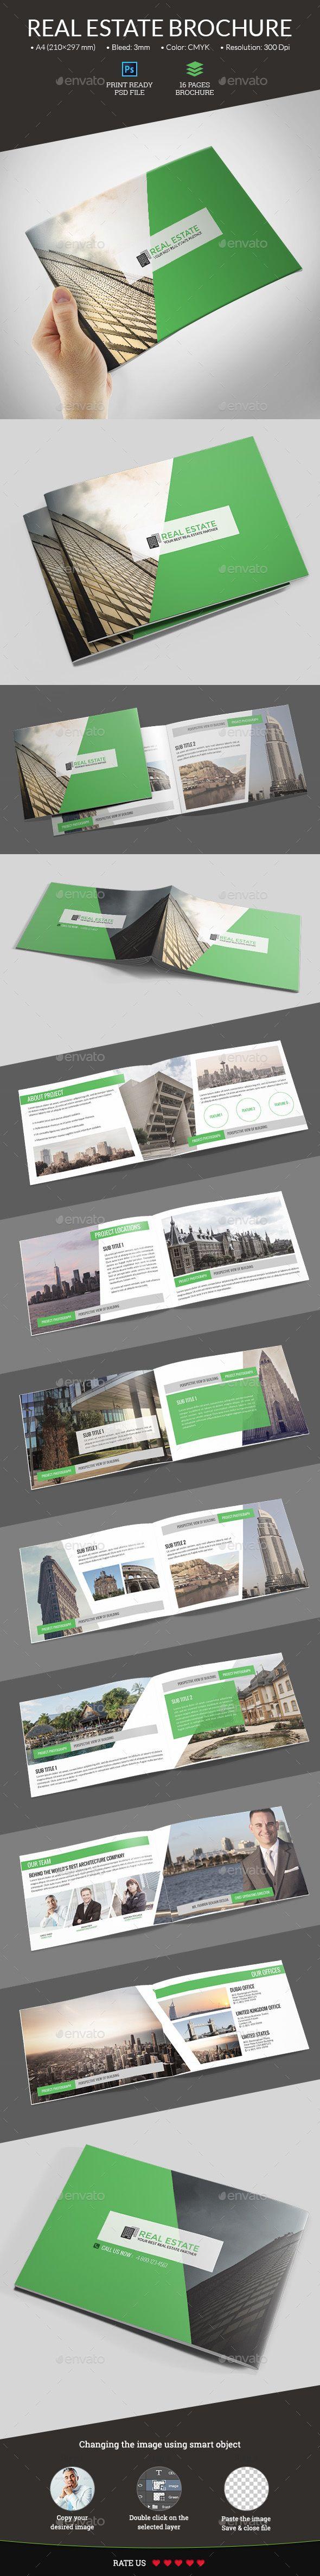 Real Estate Portfolio Brochure Template PSD #design #RealEstateBrochures #RealEstate